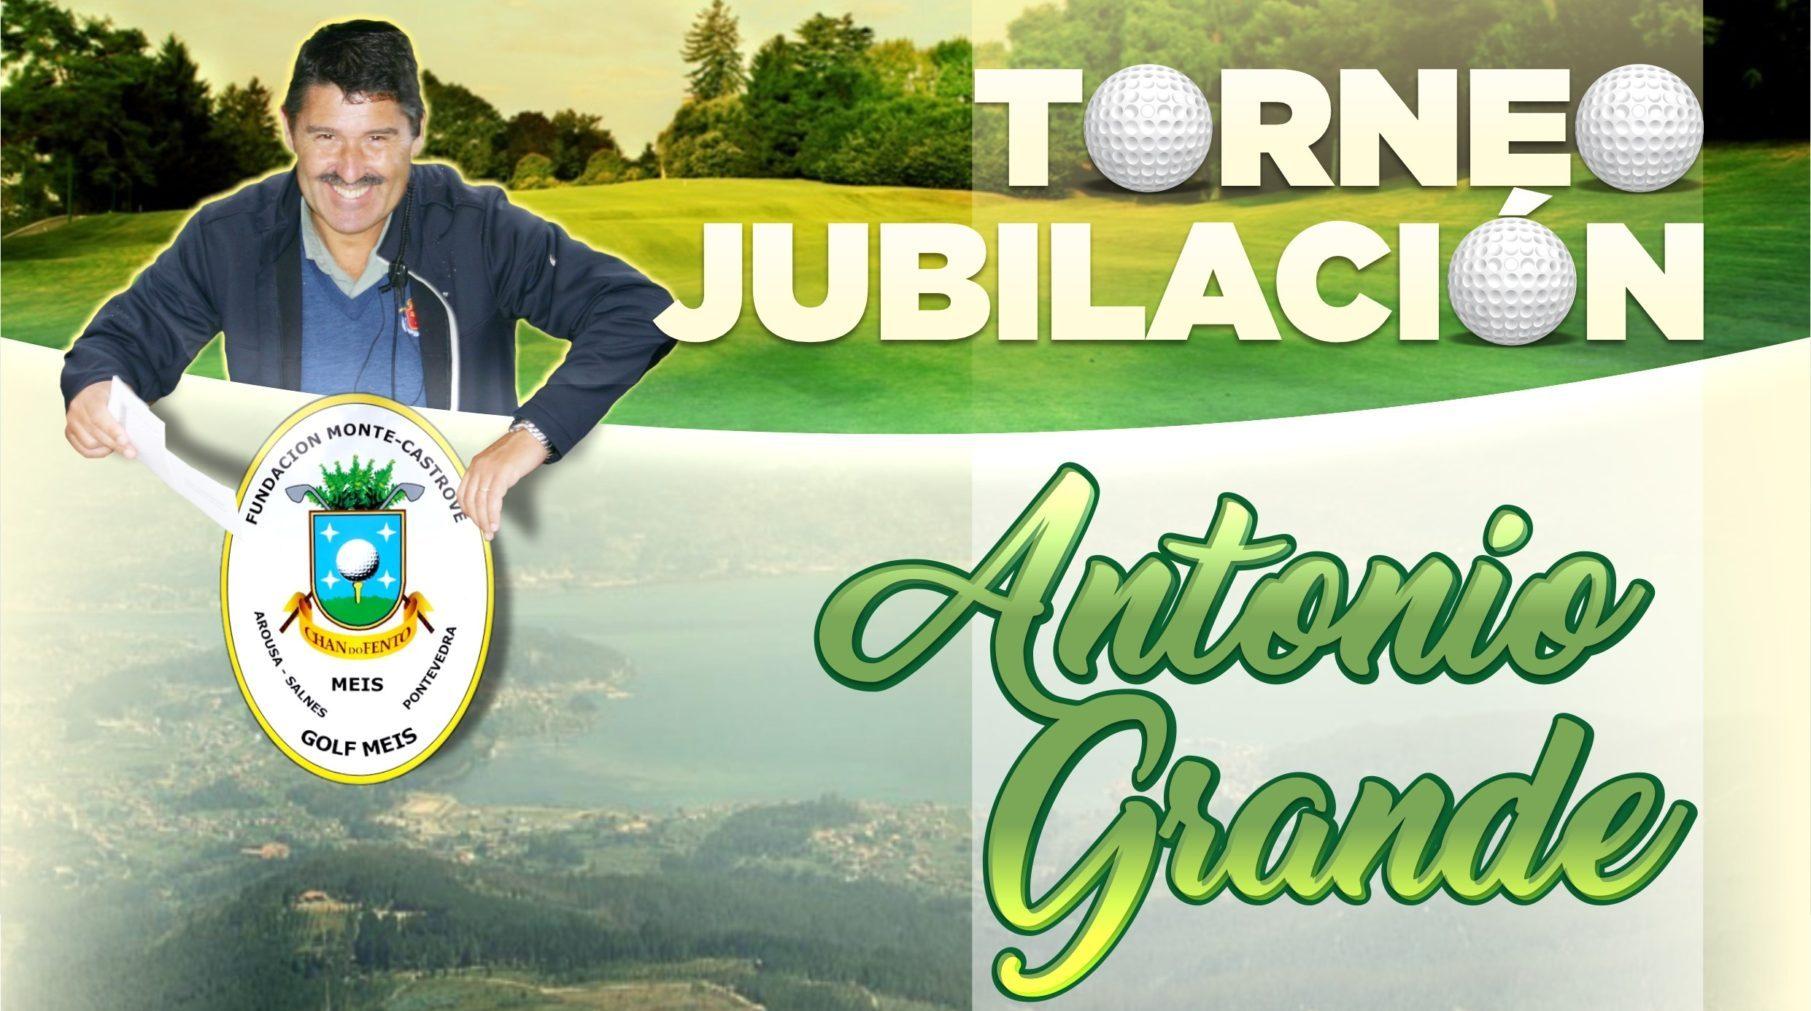 Torneo-homenaje Por La Jubilación De Antonio Grande